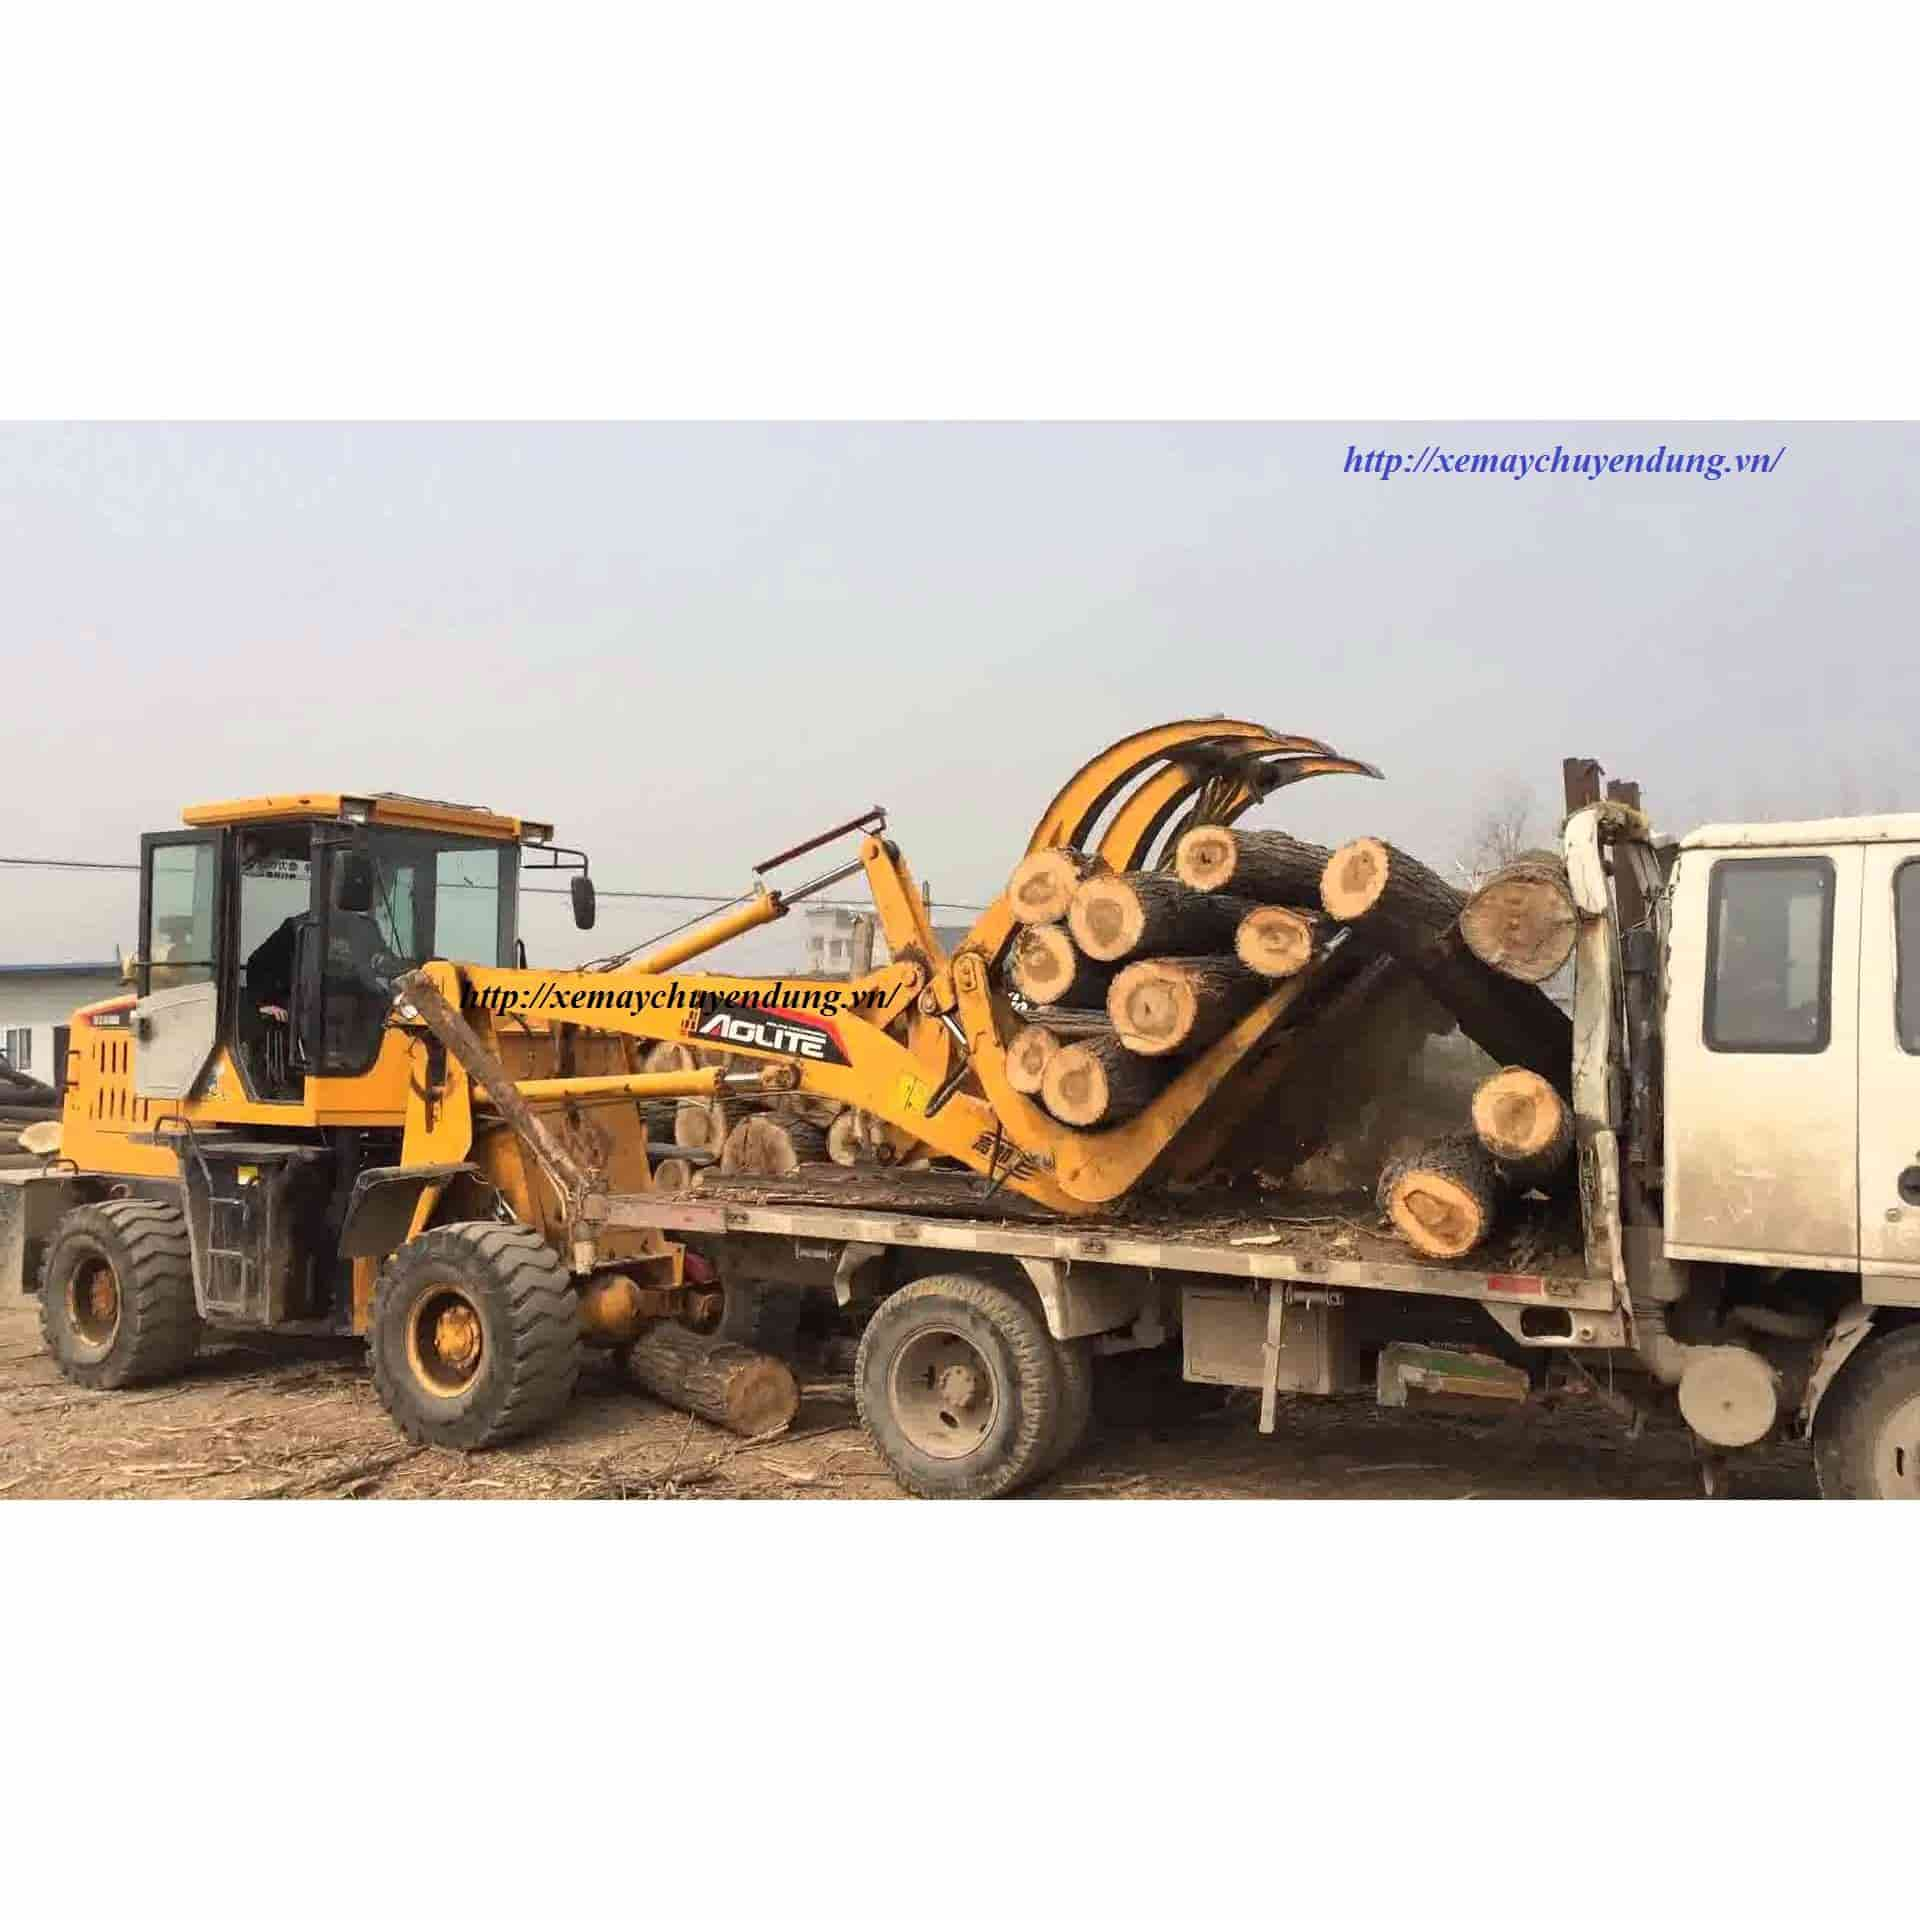 Máy xúc lật cần dài 926 xả tải cao 4,2 mét